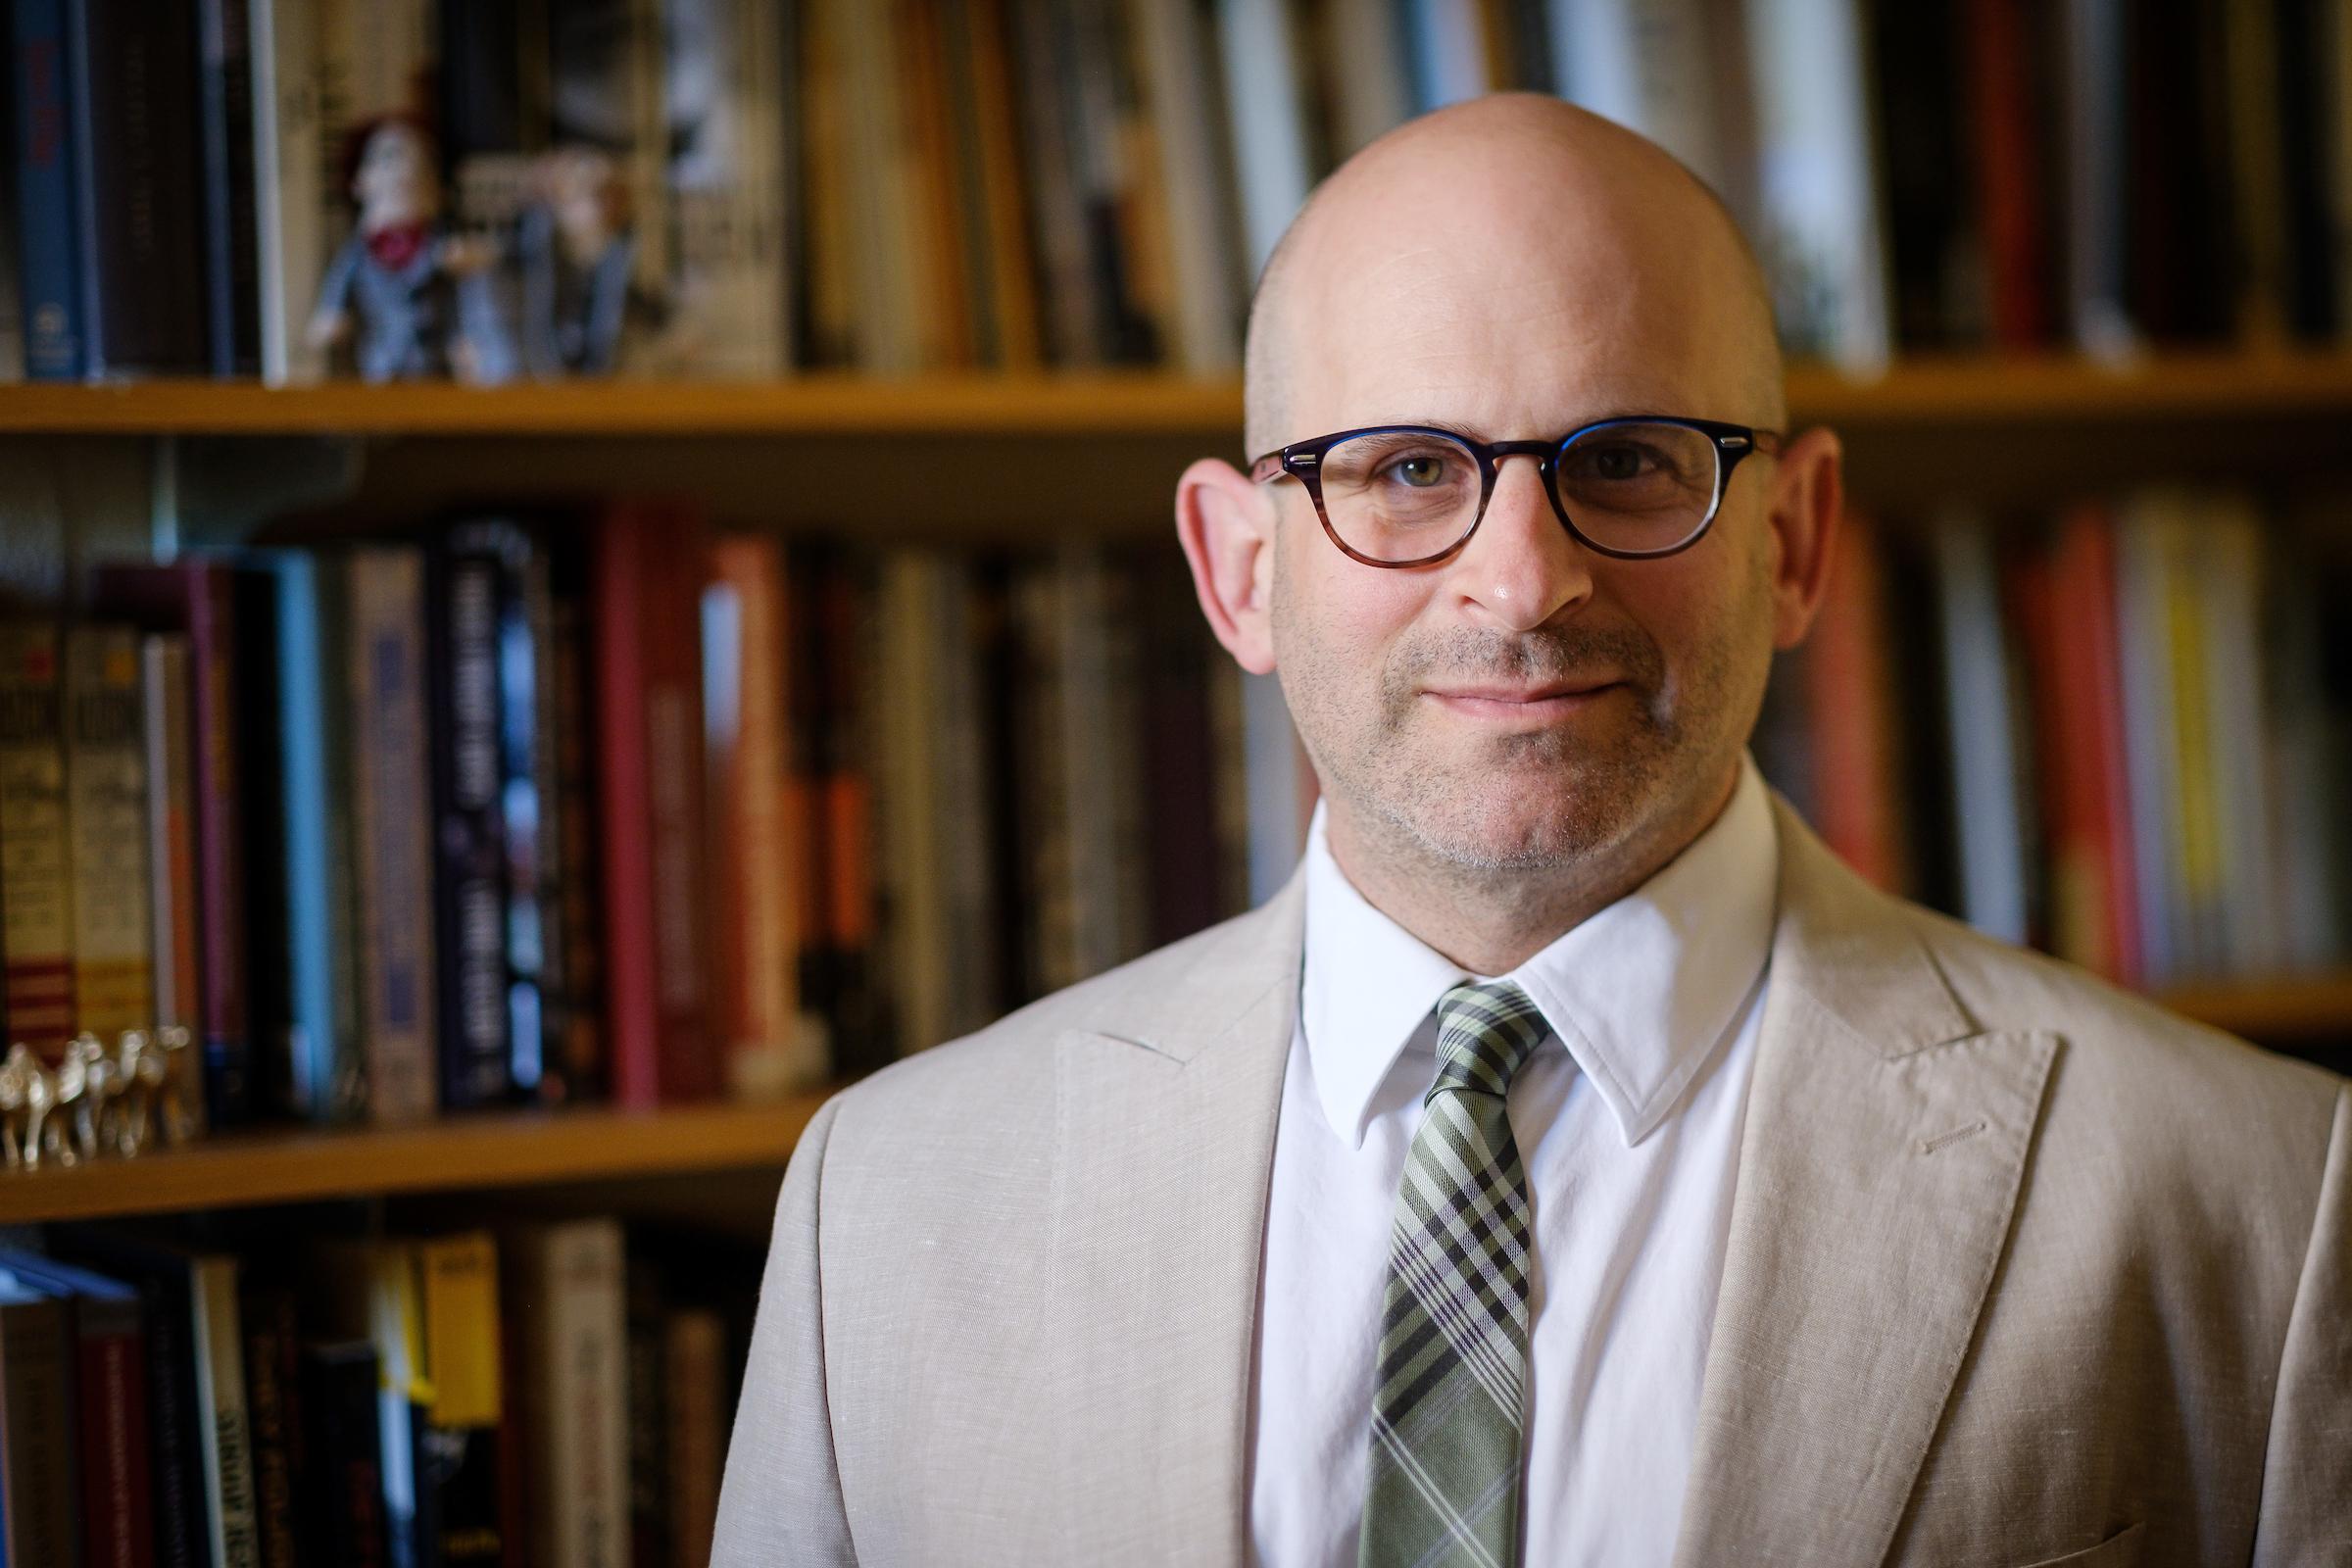 Las calumnias antisemita y sus facilitadores – Por Manfred Gerstenfeld (Jerusalem Post)